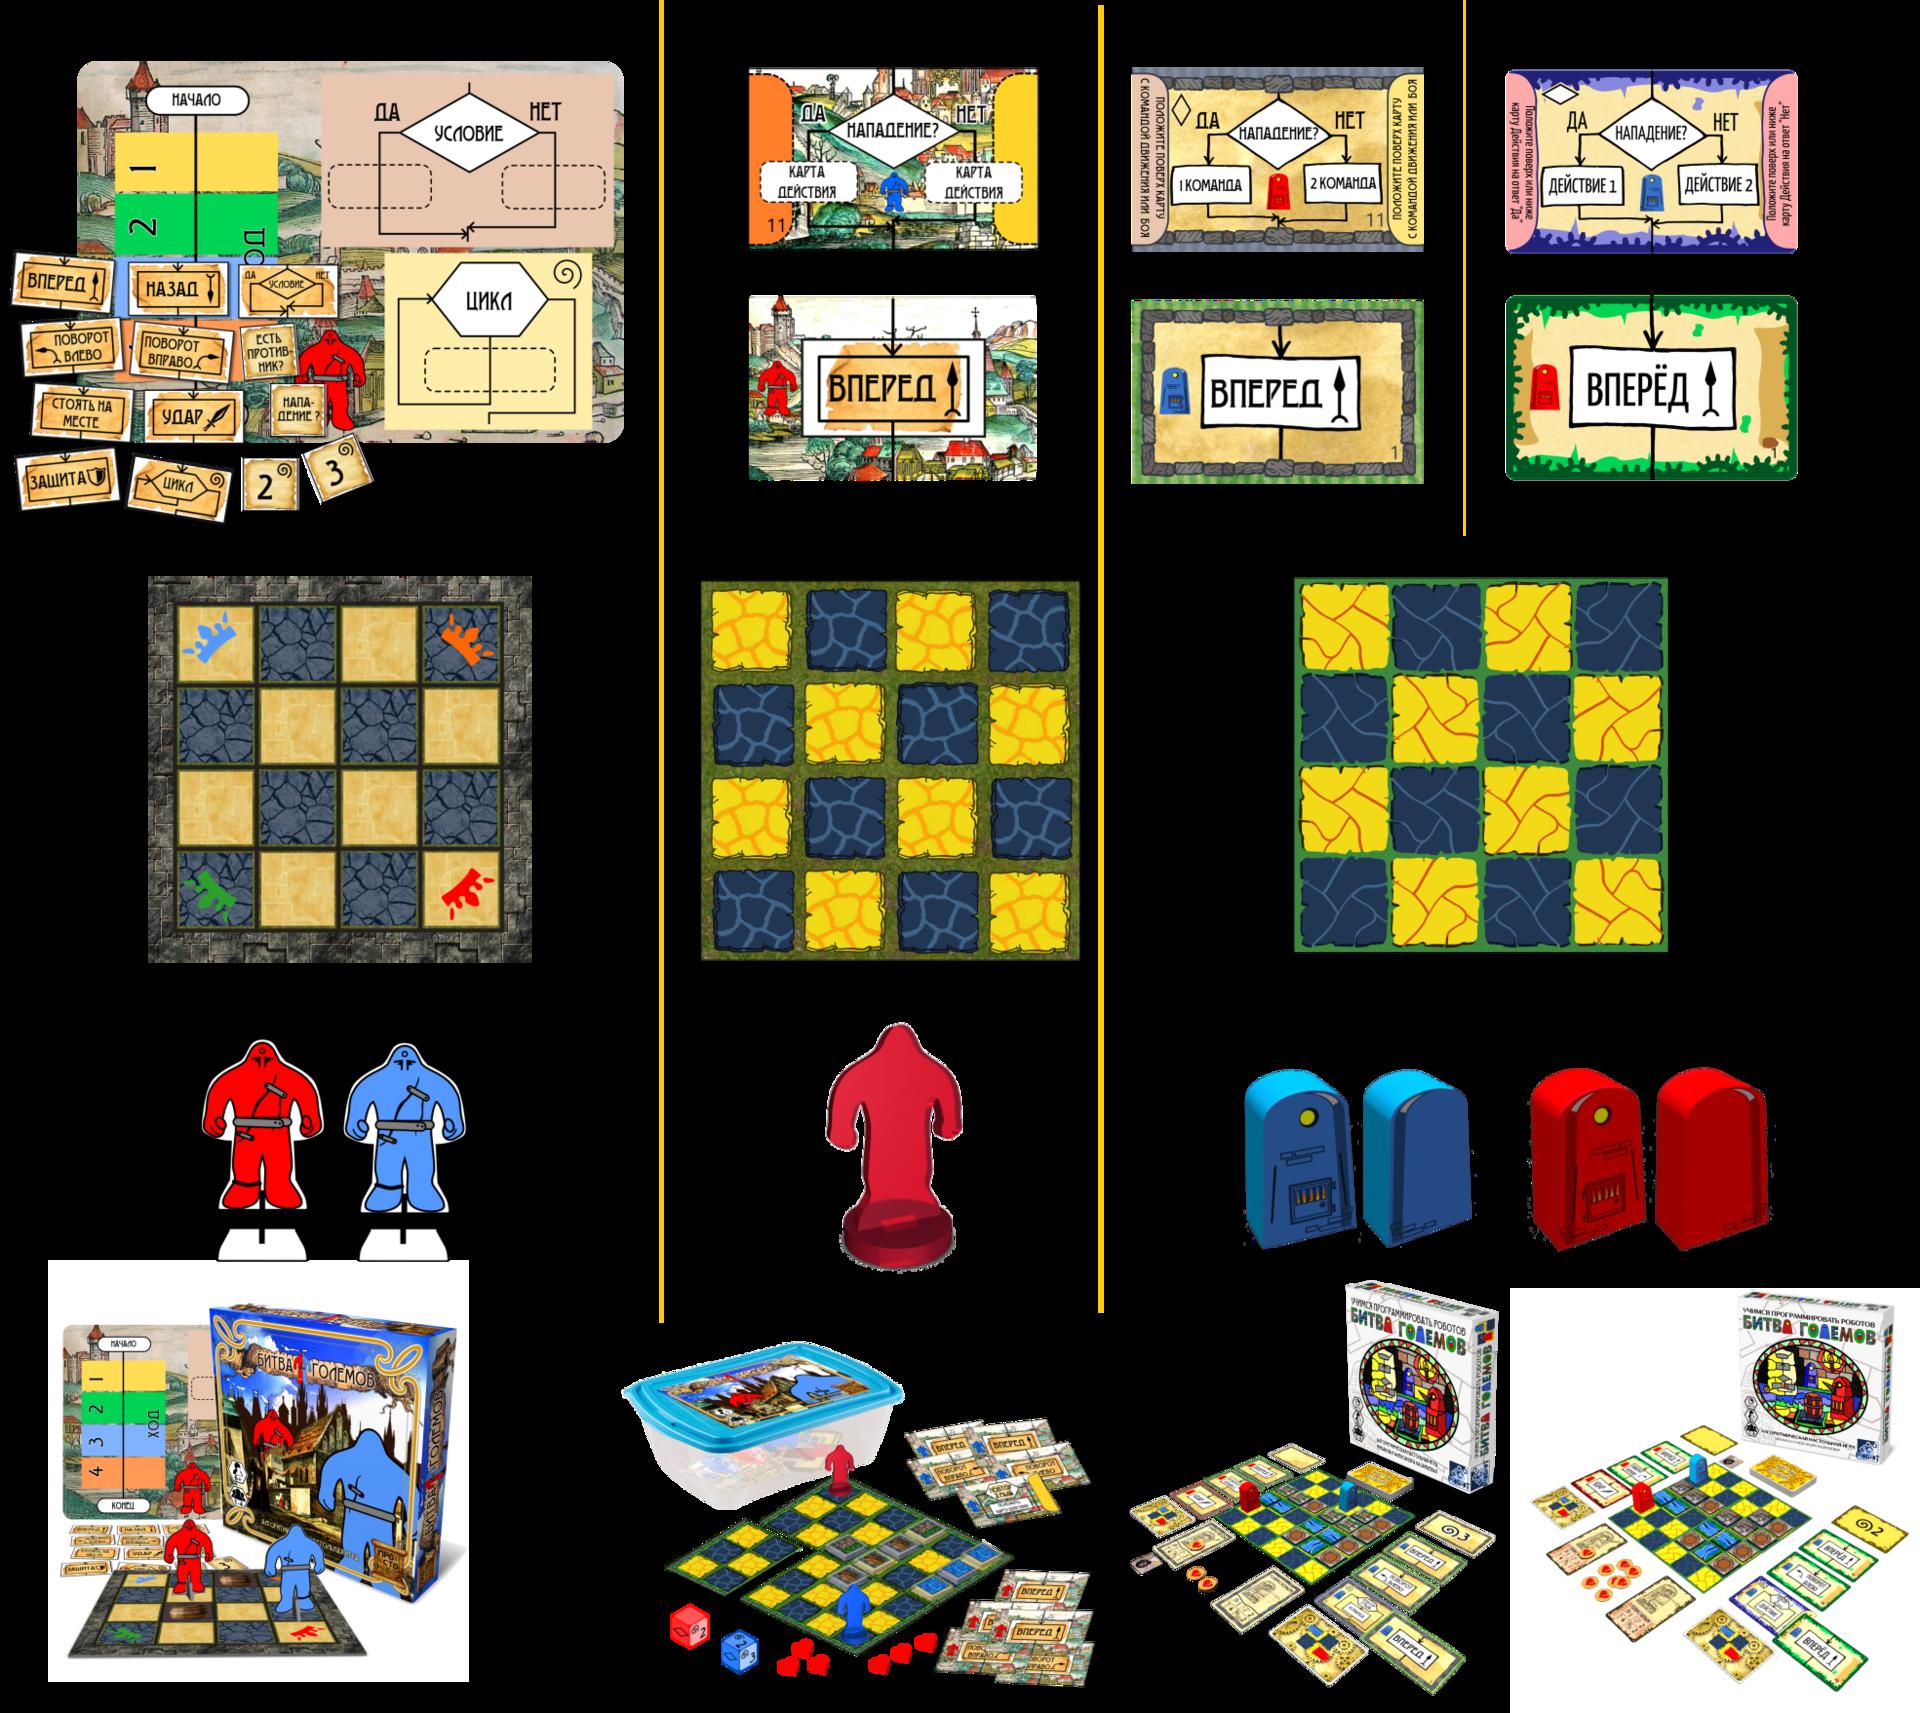 Битва Големов. Как разработать настольную образовательную игру и чего это стоит… - 7